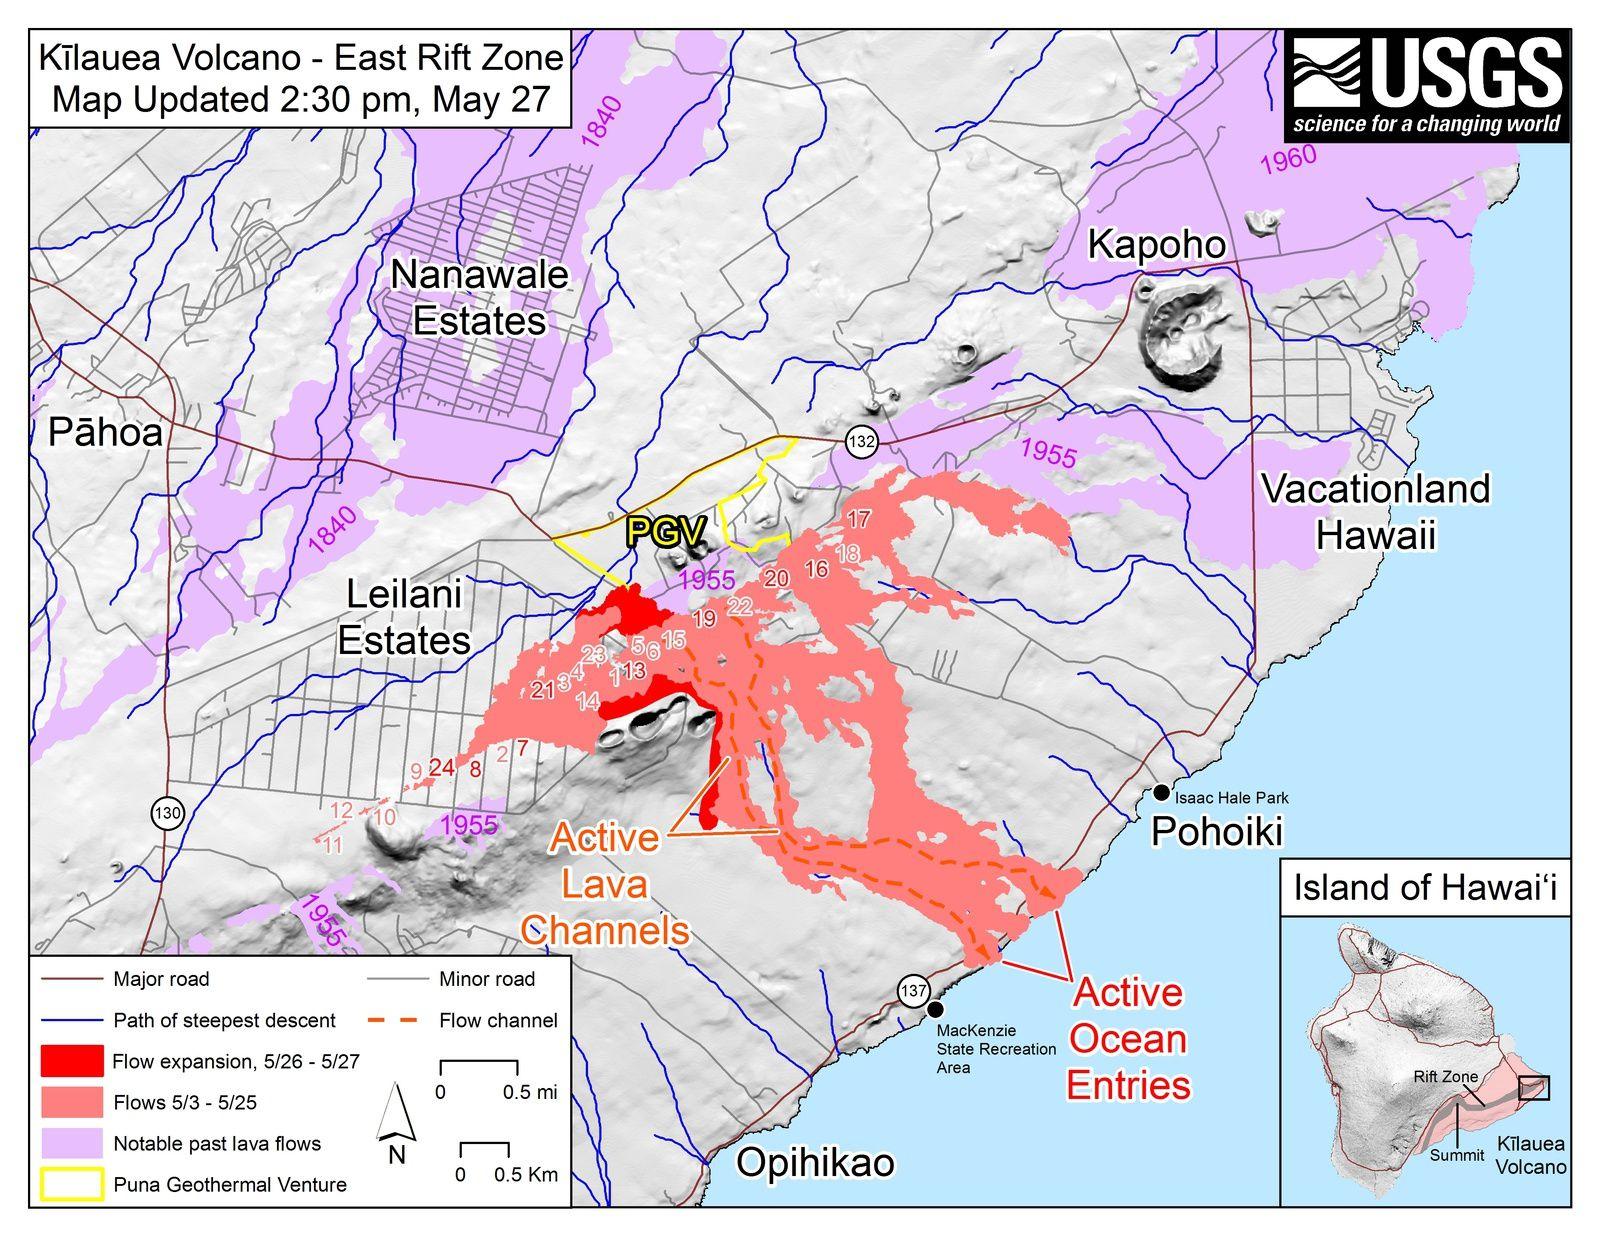 Kilauea Zone de rift Est  - Carte des fissures et coulées actives au 27.05.2018 / 14h30 loc - Doc HVO-USGS